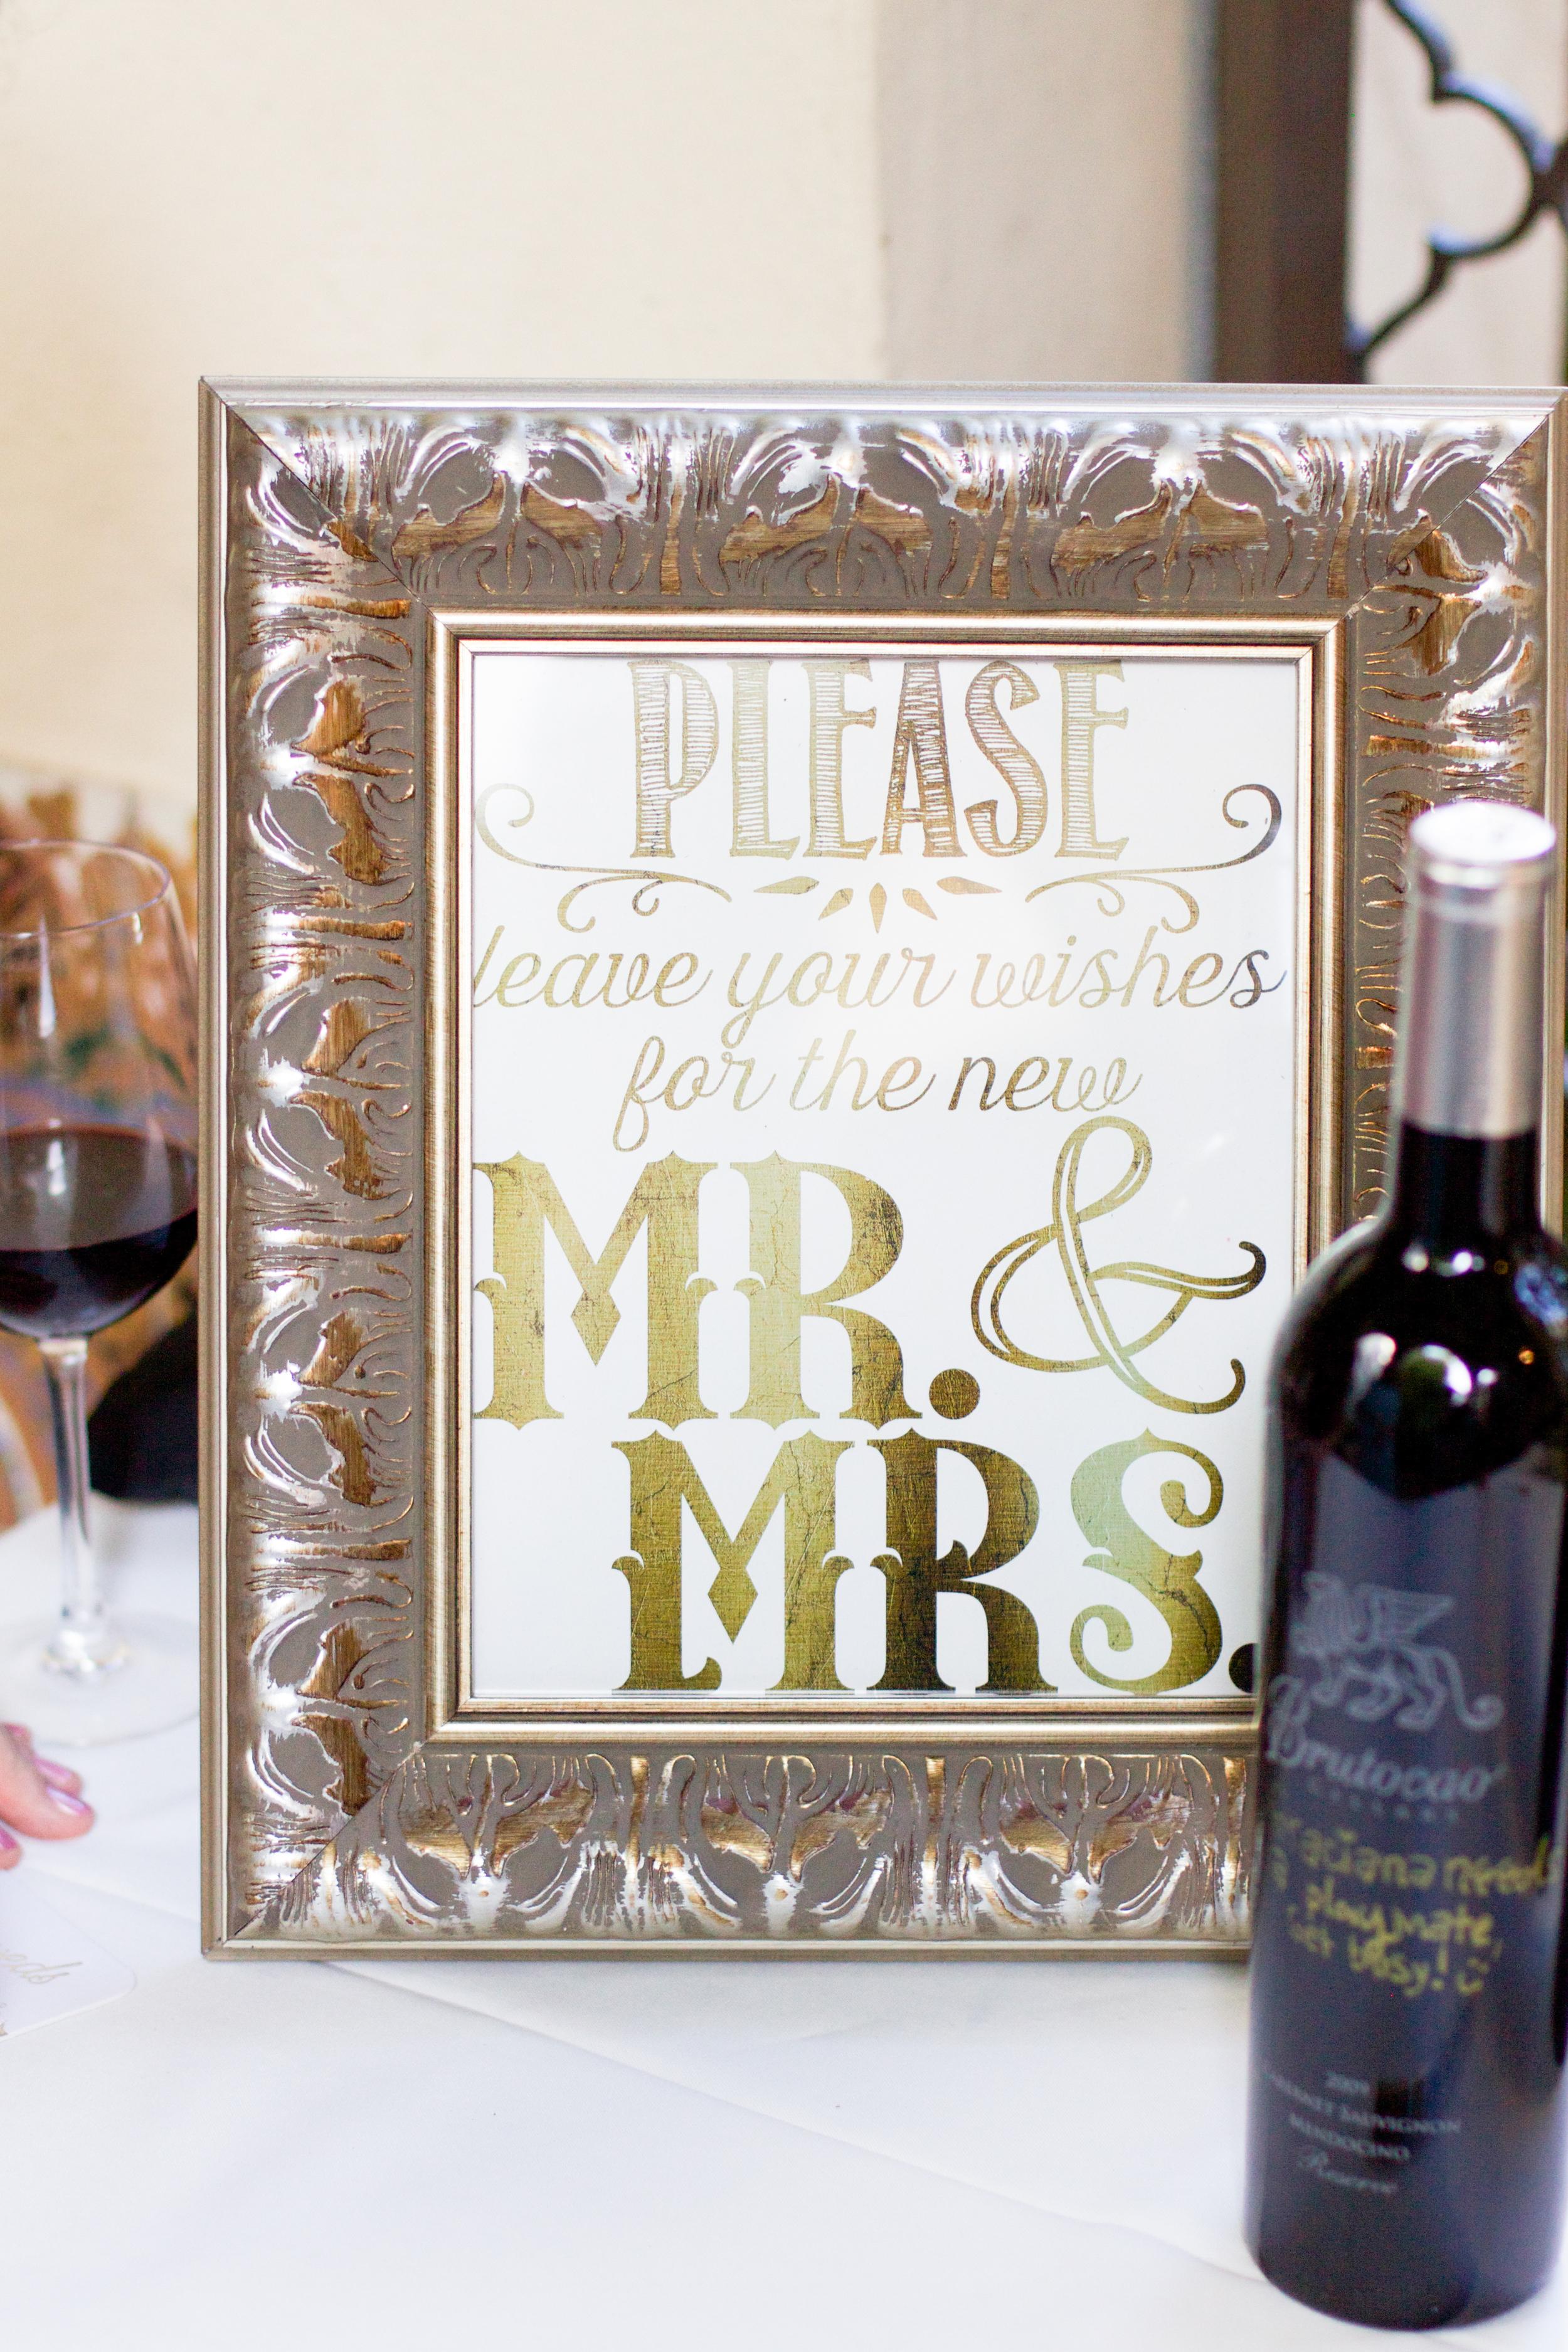 winsor event studio wine bottle guest book wedding